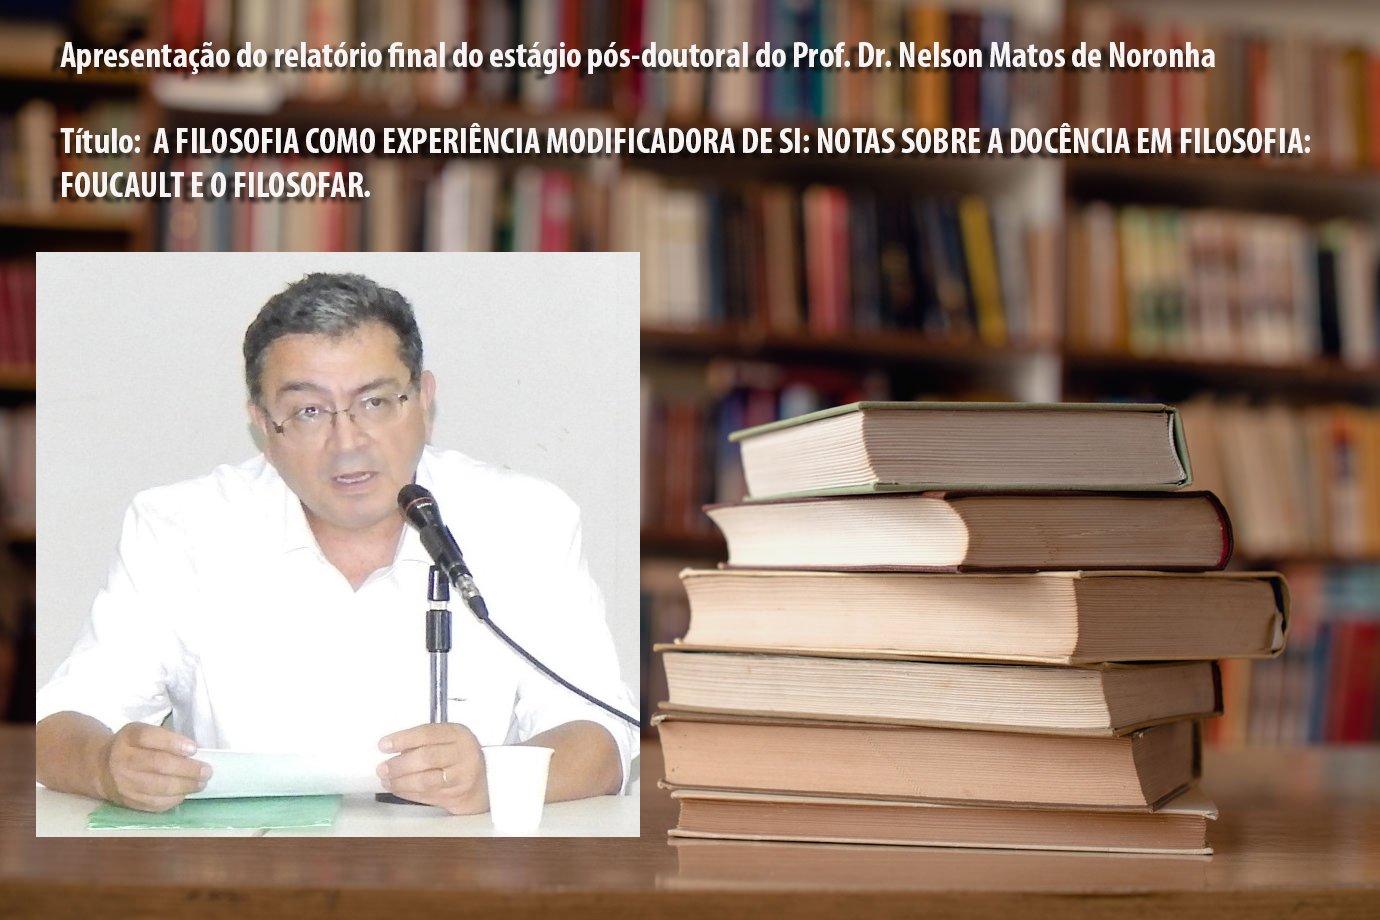 Sessão de Apresentação do Relatório Final Estágio Pós-Doutoral do Prof. Dr. Nelson Matos de Noronha